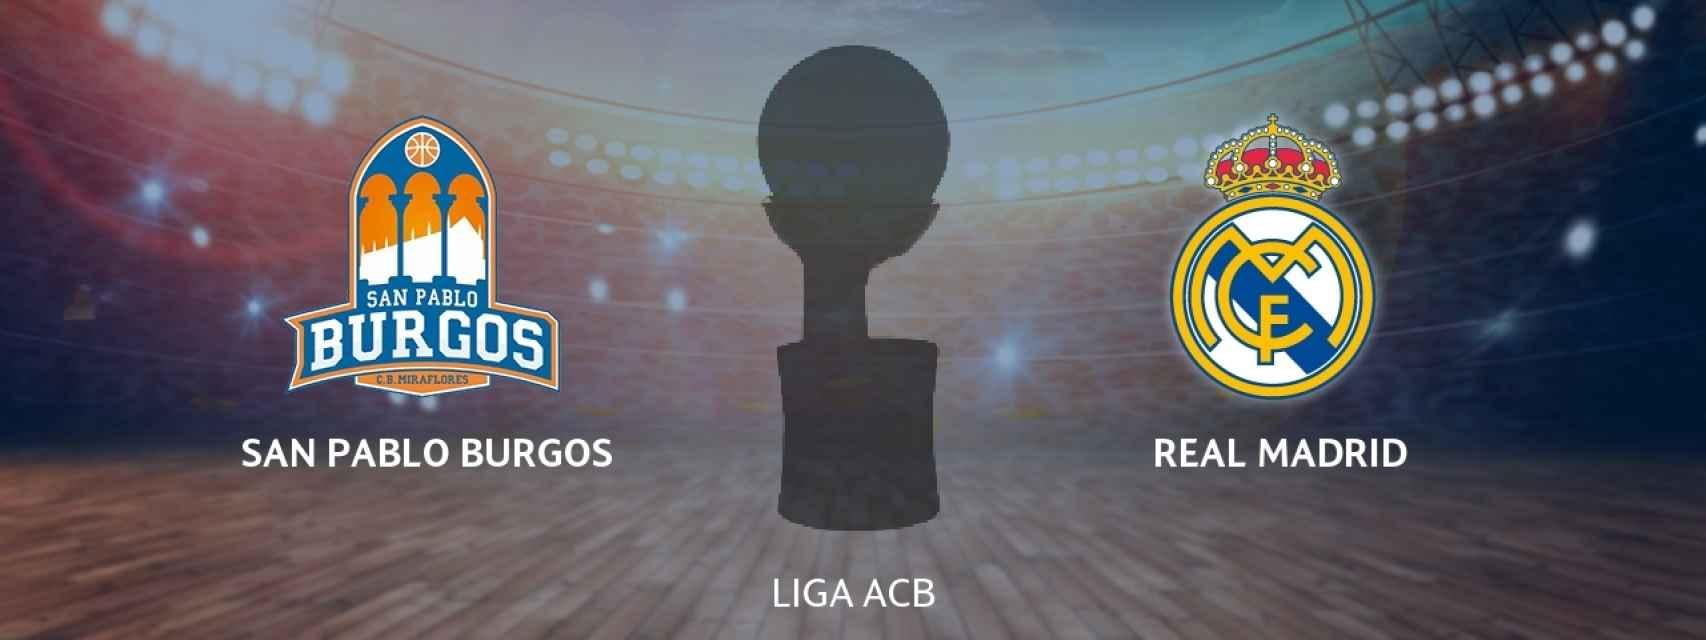 San Pablo Burgos - Real Madrid